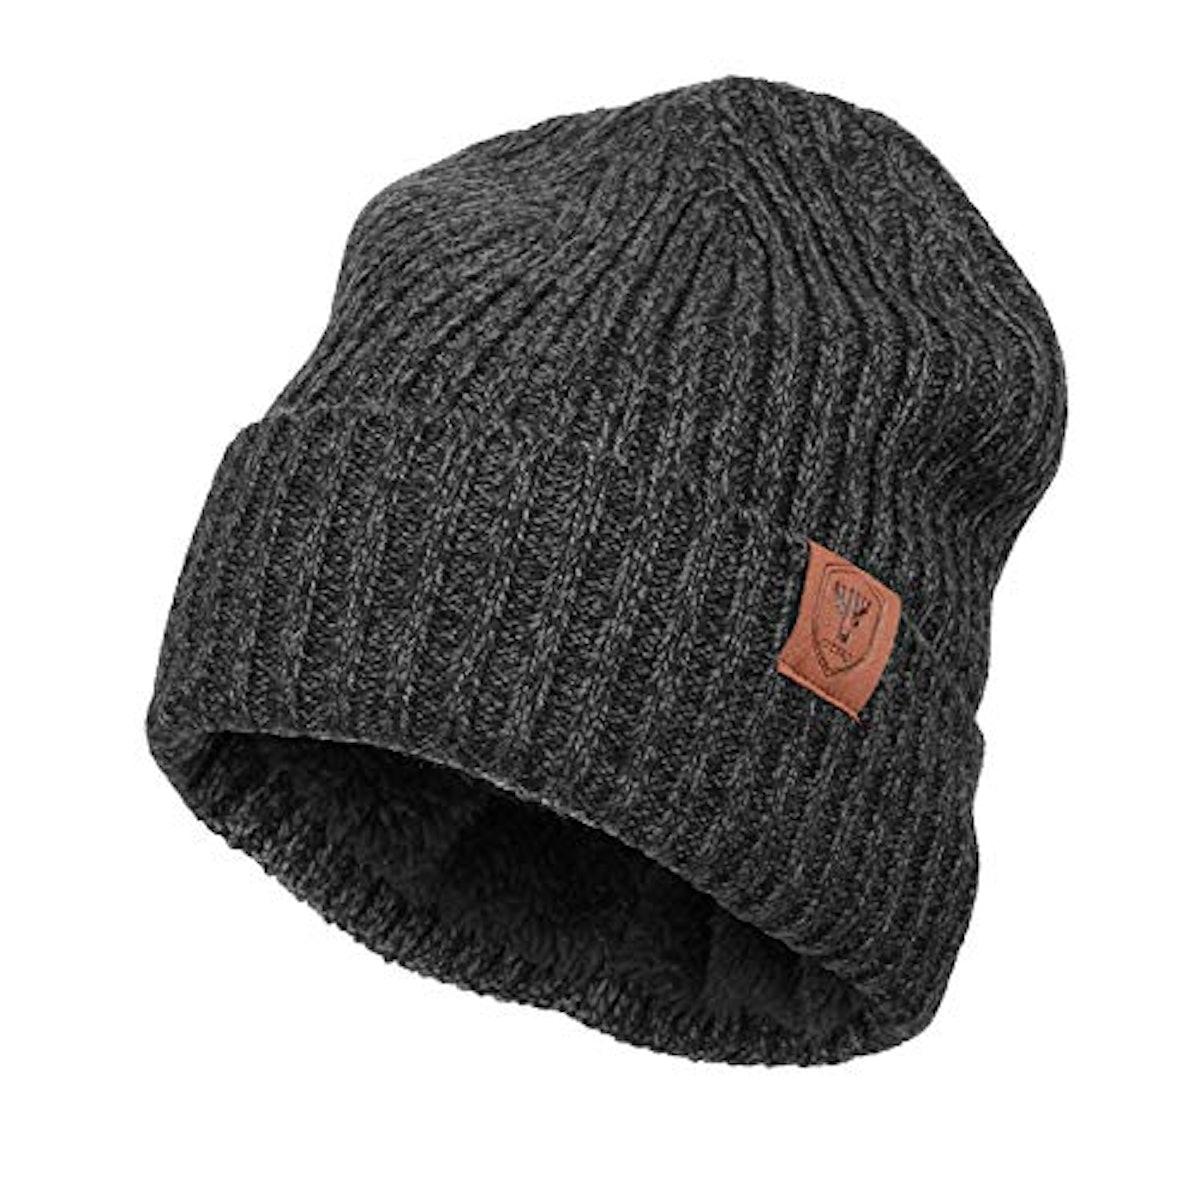 OZERO Beanie Stocking Hat